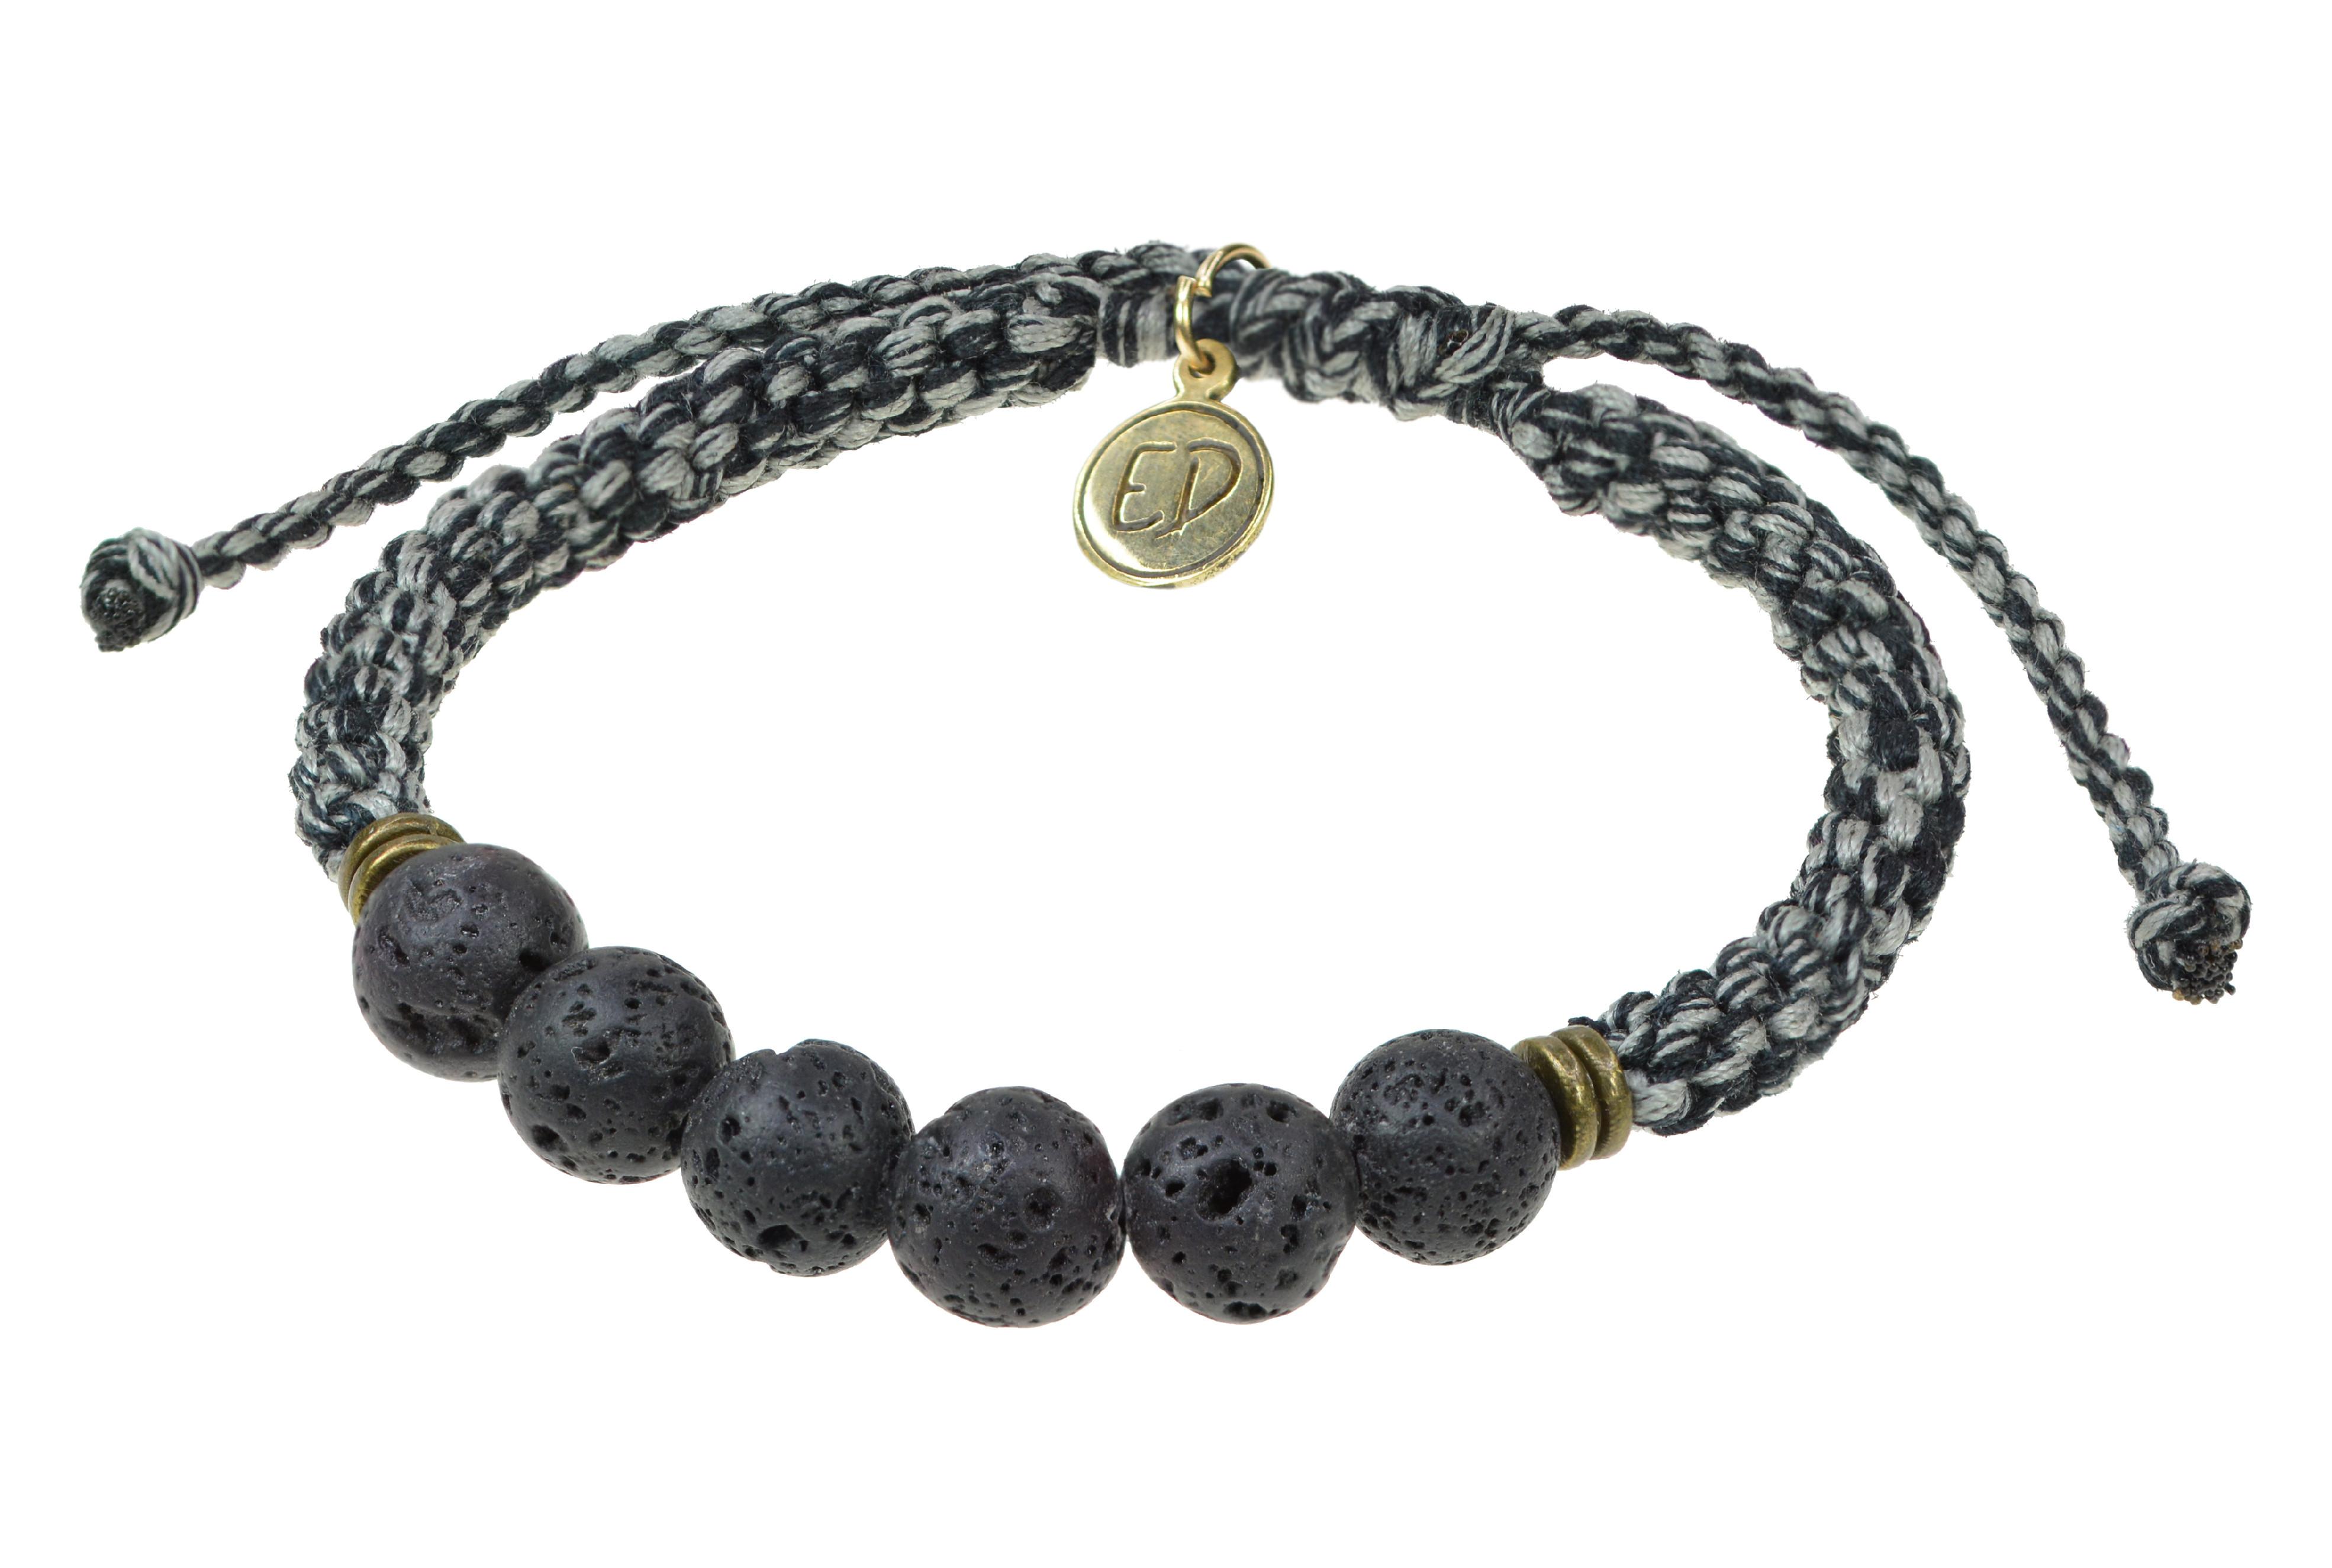 Pánsky pletený náramok s lávovými kameňmi - sivý